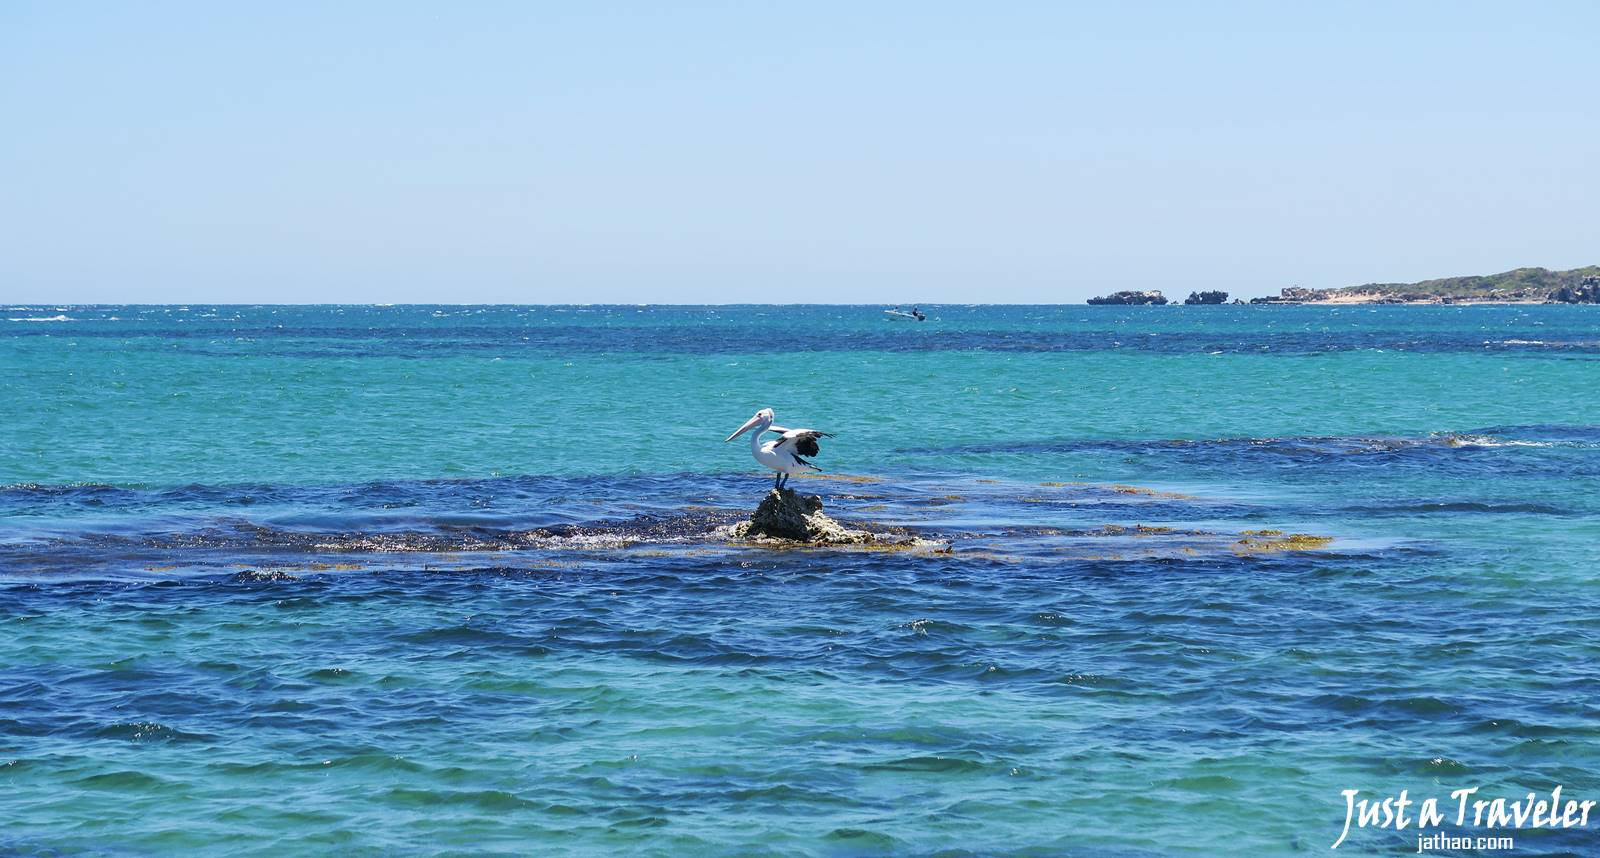 伯斯-景點-推薦-必玩-一日遊-企鵝島-Penguin-Island-遊記-旅遊-自由行-Perth